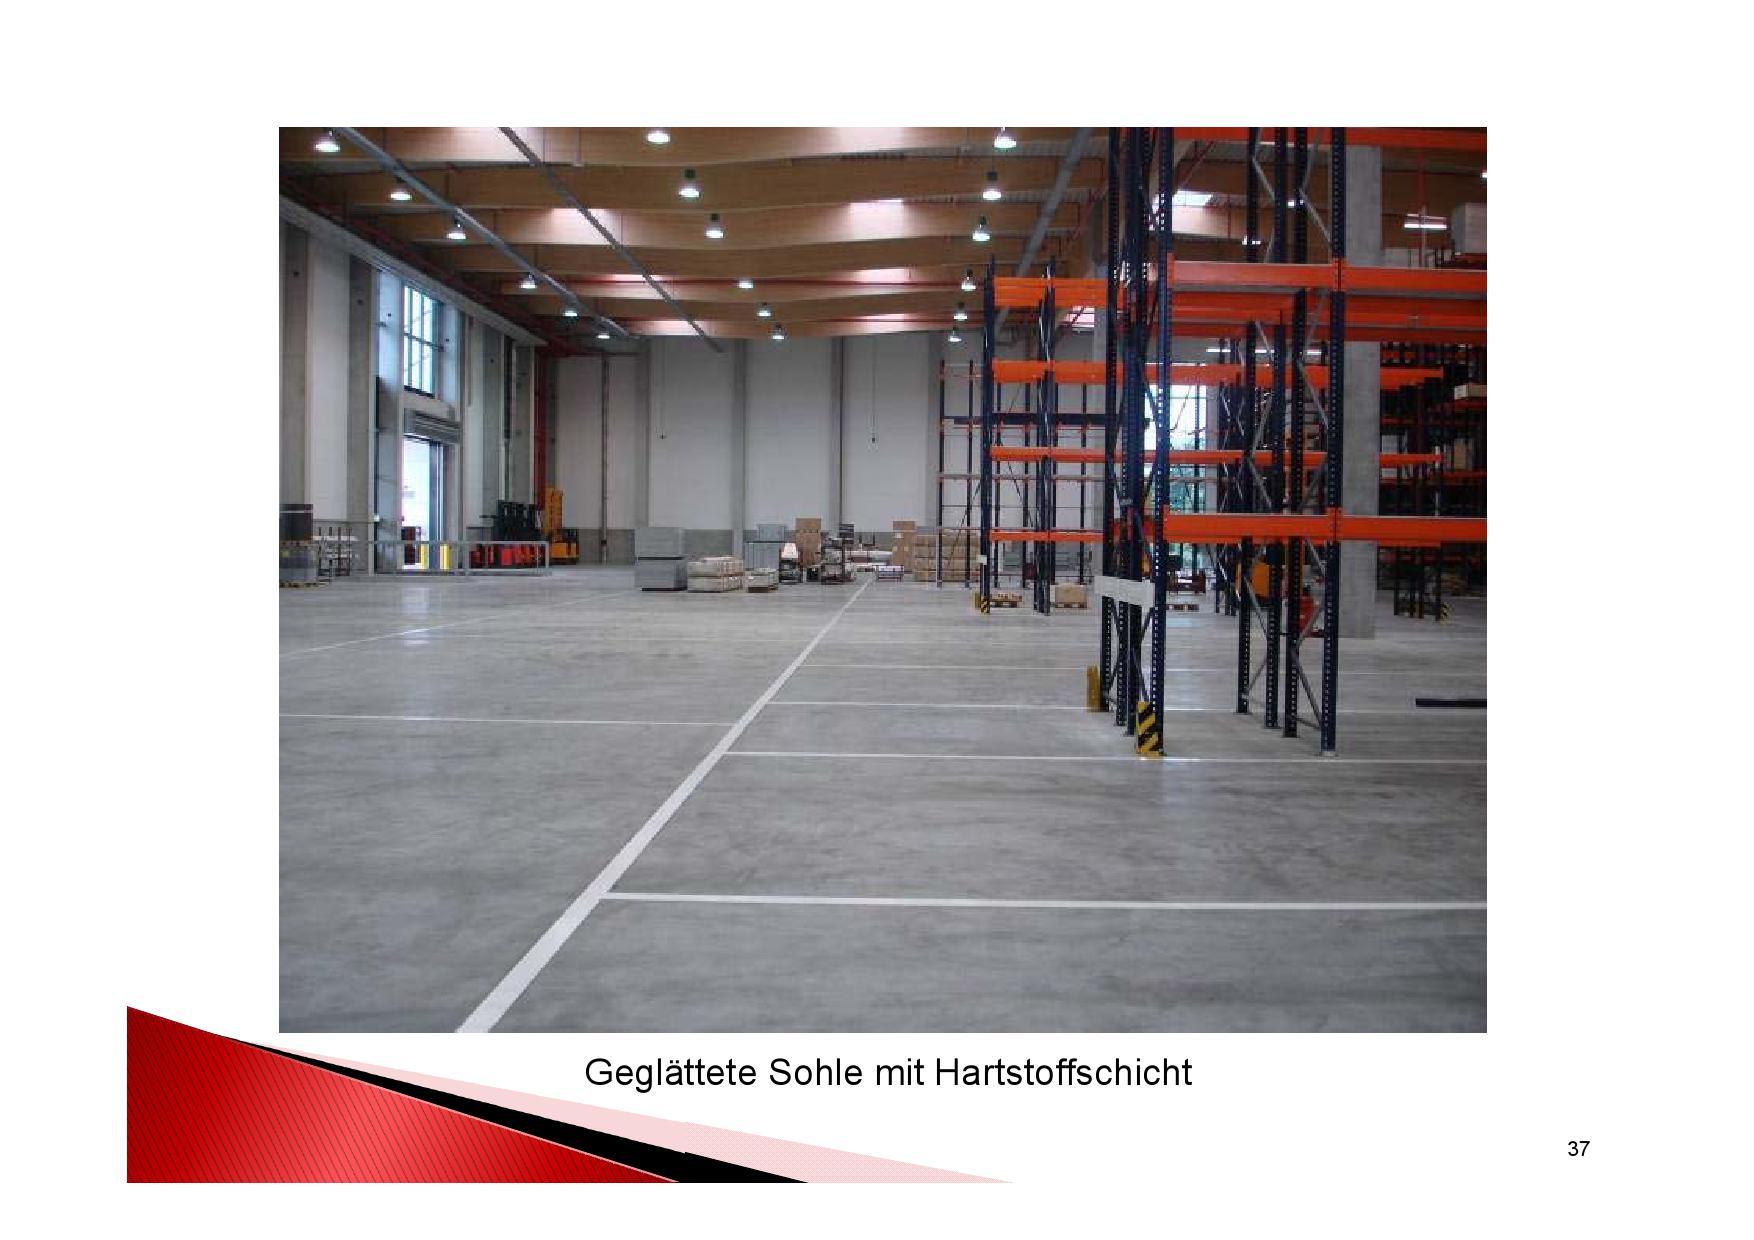 Industrieboden Herstellung: Geglättete Sohle mit Hartstoffschicht